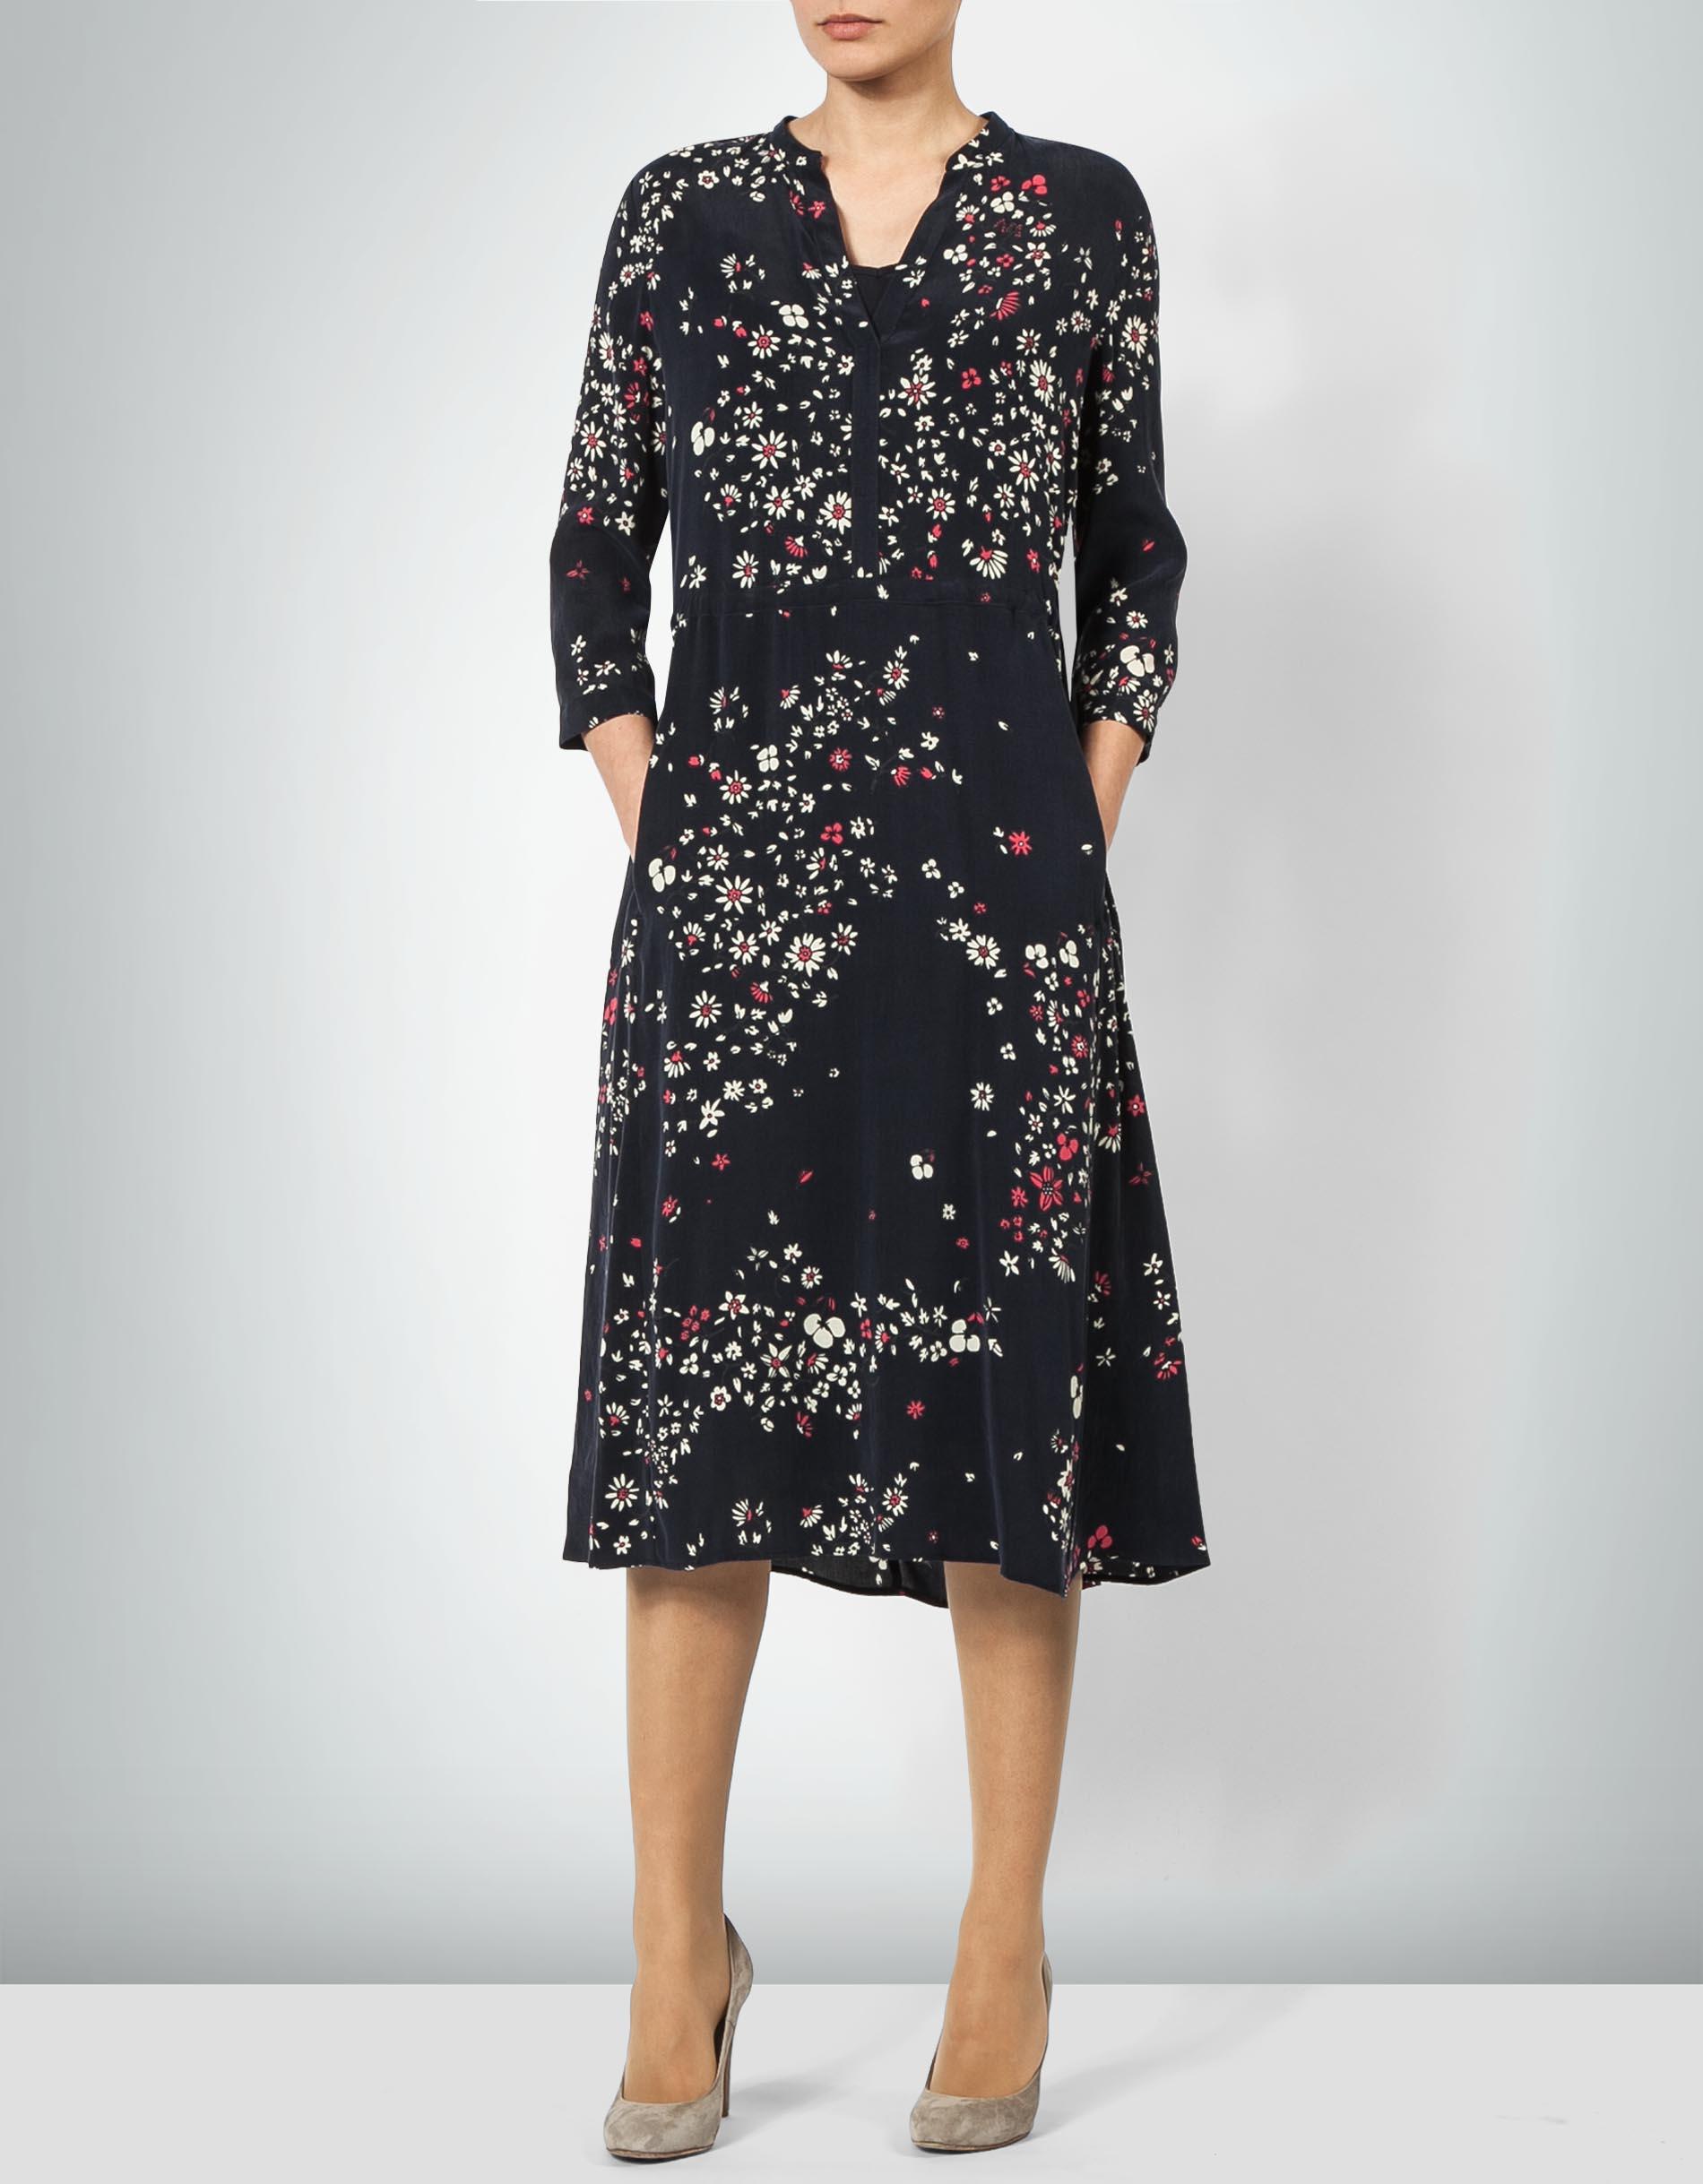 O'polo Schwestern Mit Deinen Von Empfohlen Marc Kleid Damen Blumenmuster 6yIY7fgbv